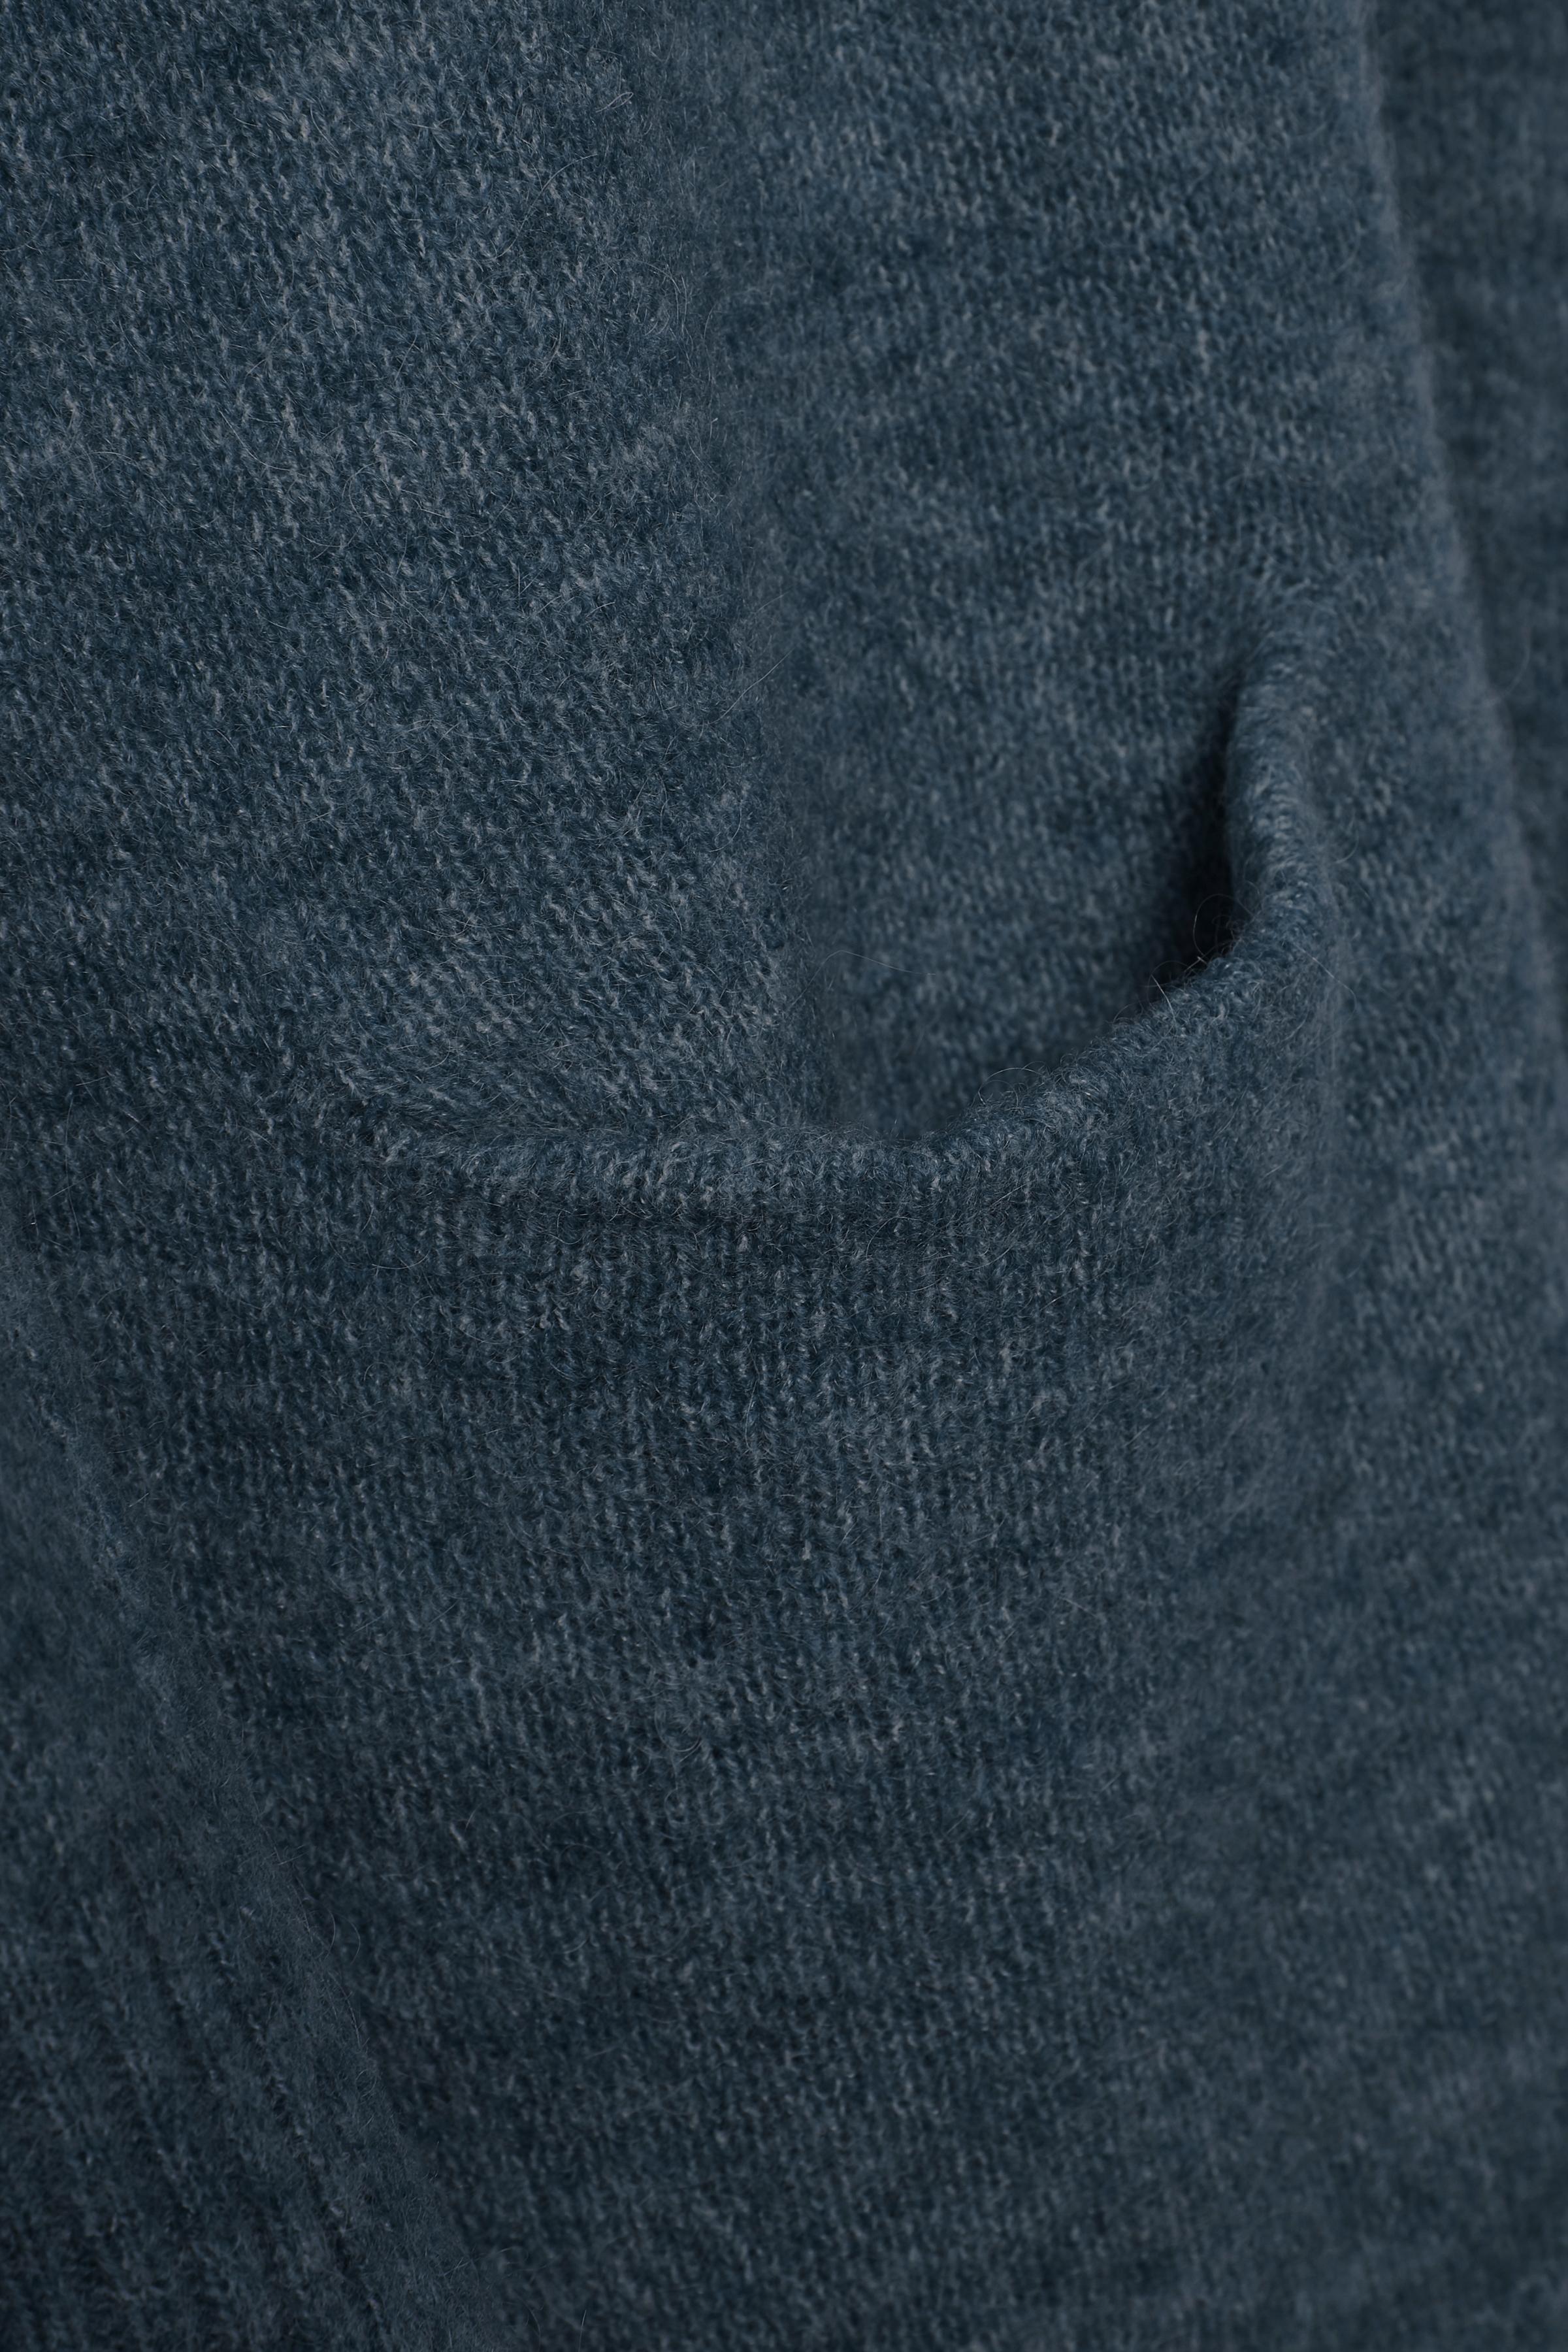 Marineblau meliert Strick-Cardigan von Bon'A Parte – Shoppen Sie Marineblau meliert Strick-Cardigan ab Gr. S-2XL hier